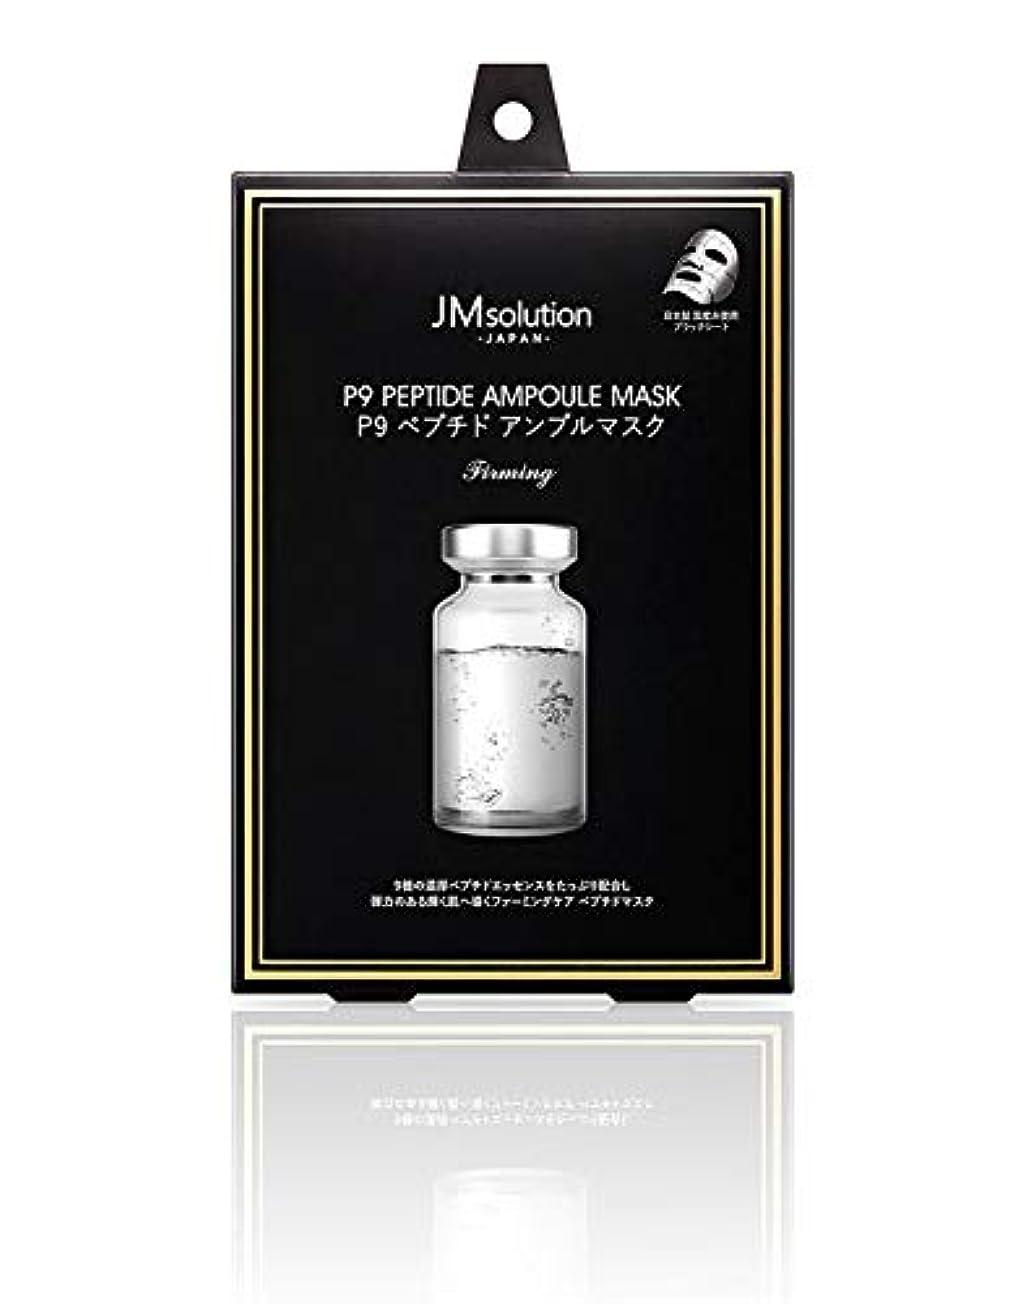 神経衰弱溶融ブラウザJMsolution P9 ペプチド アンプルマスク ファーミング 30g×5枚(箱入り)